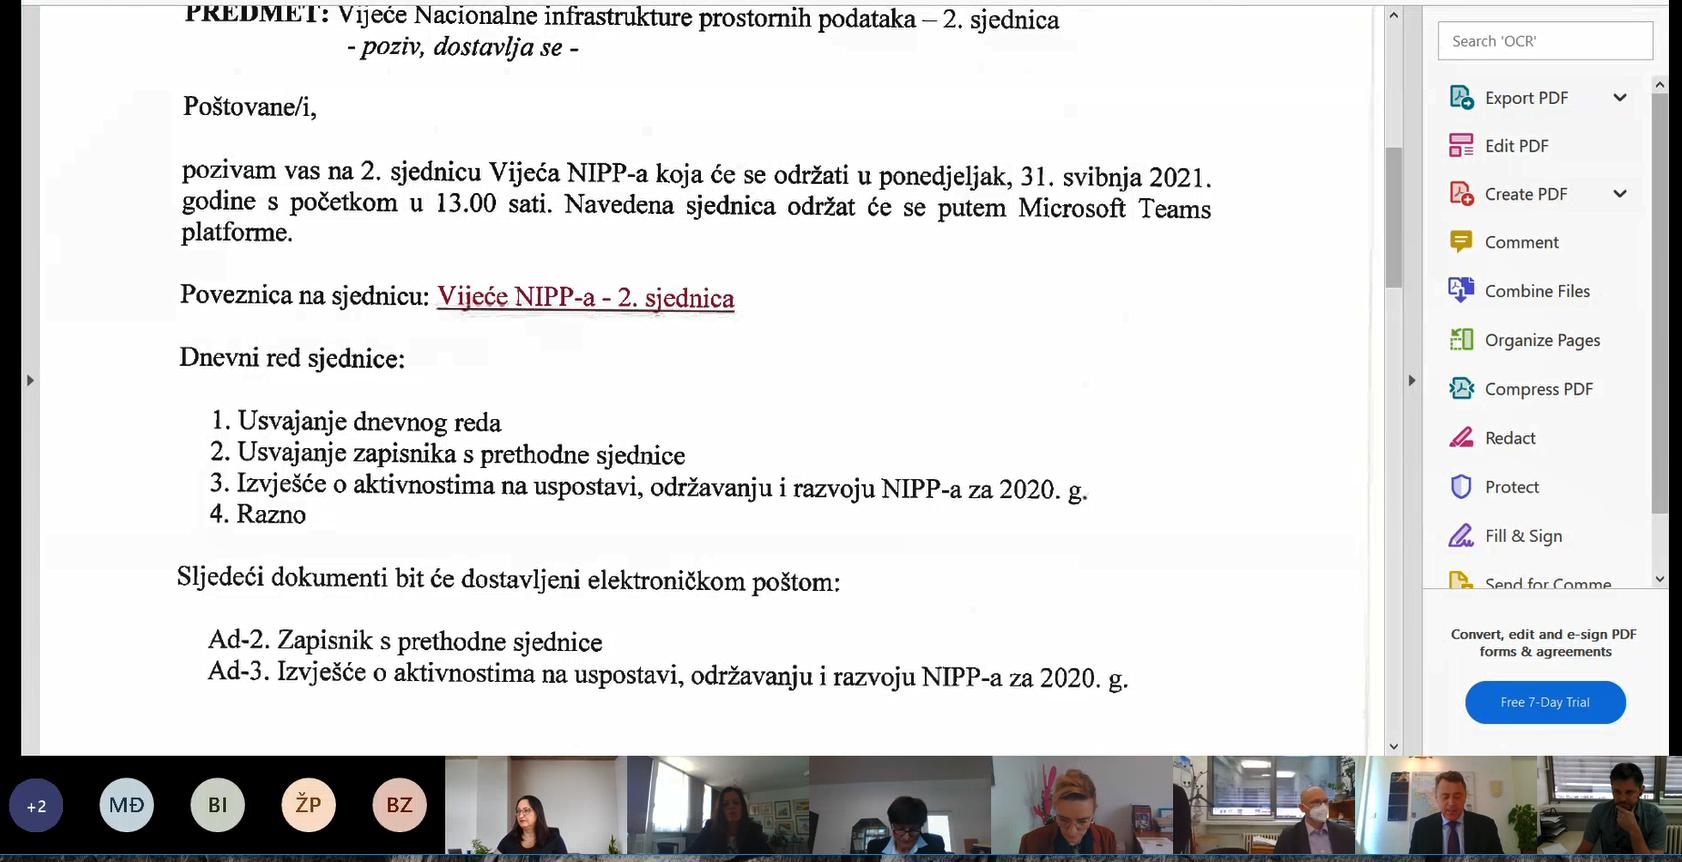 Slika prikazuje poziv na drugu sjednicu Vijeća NIPP-a